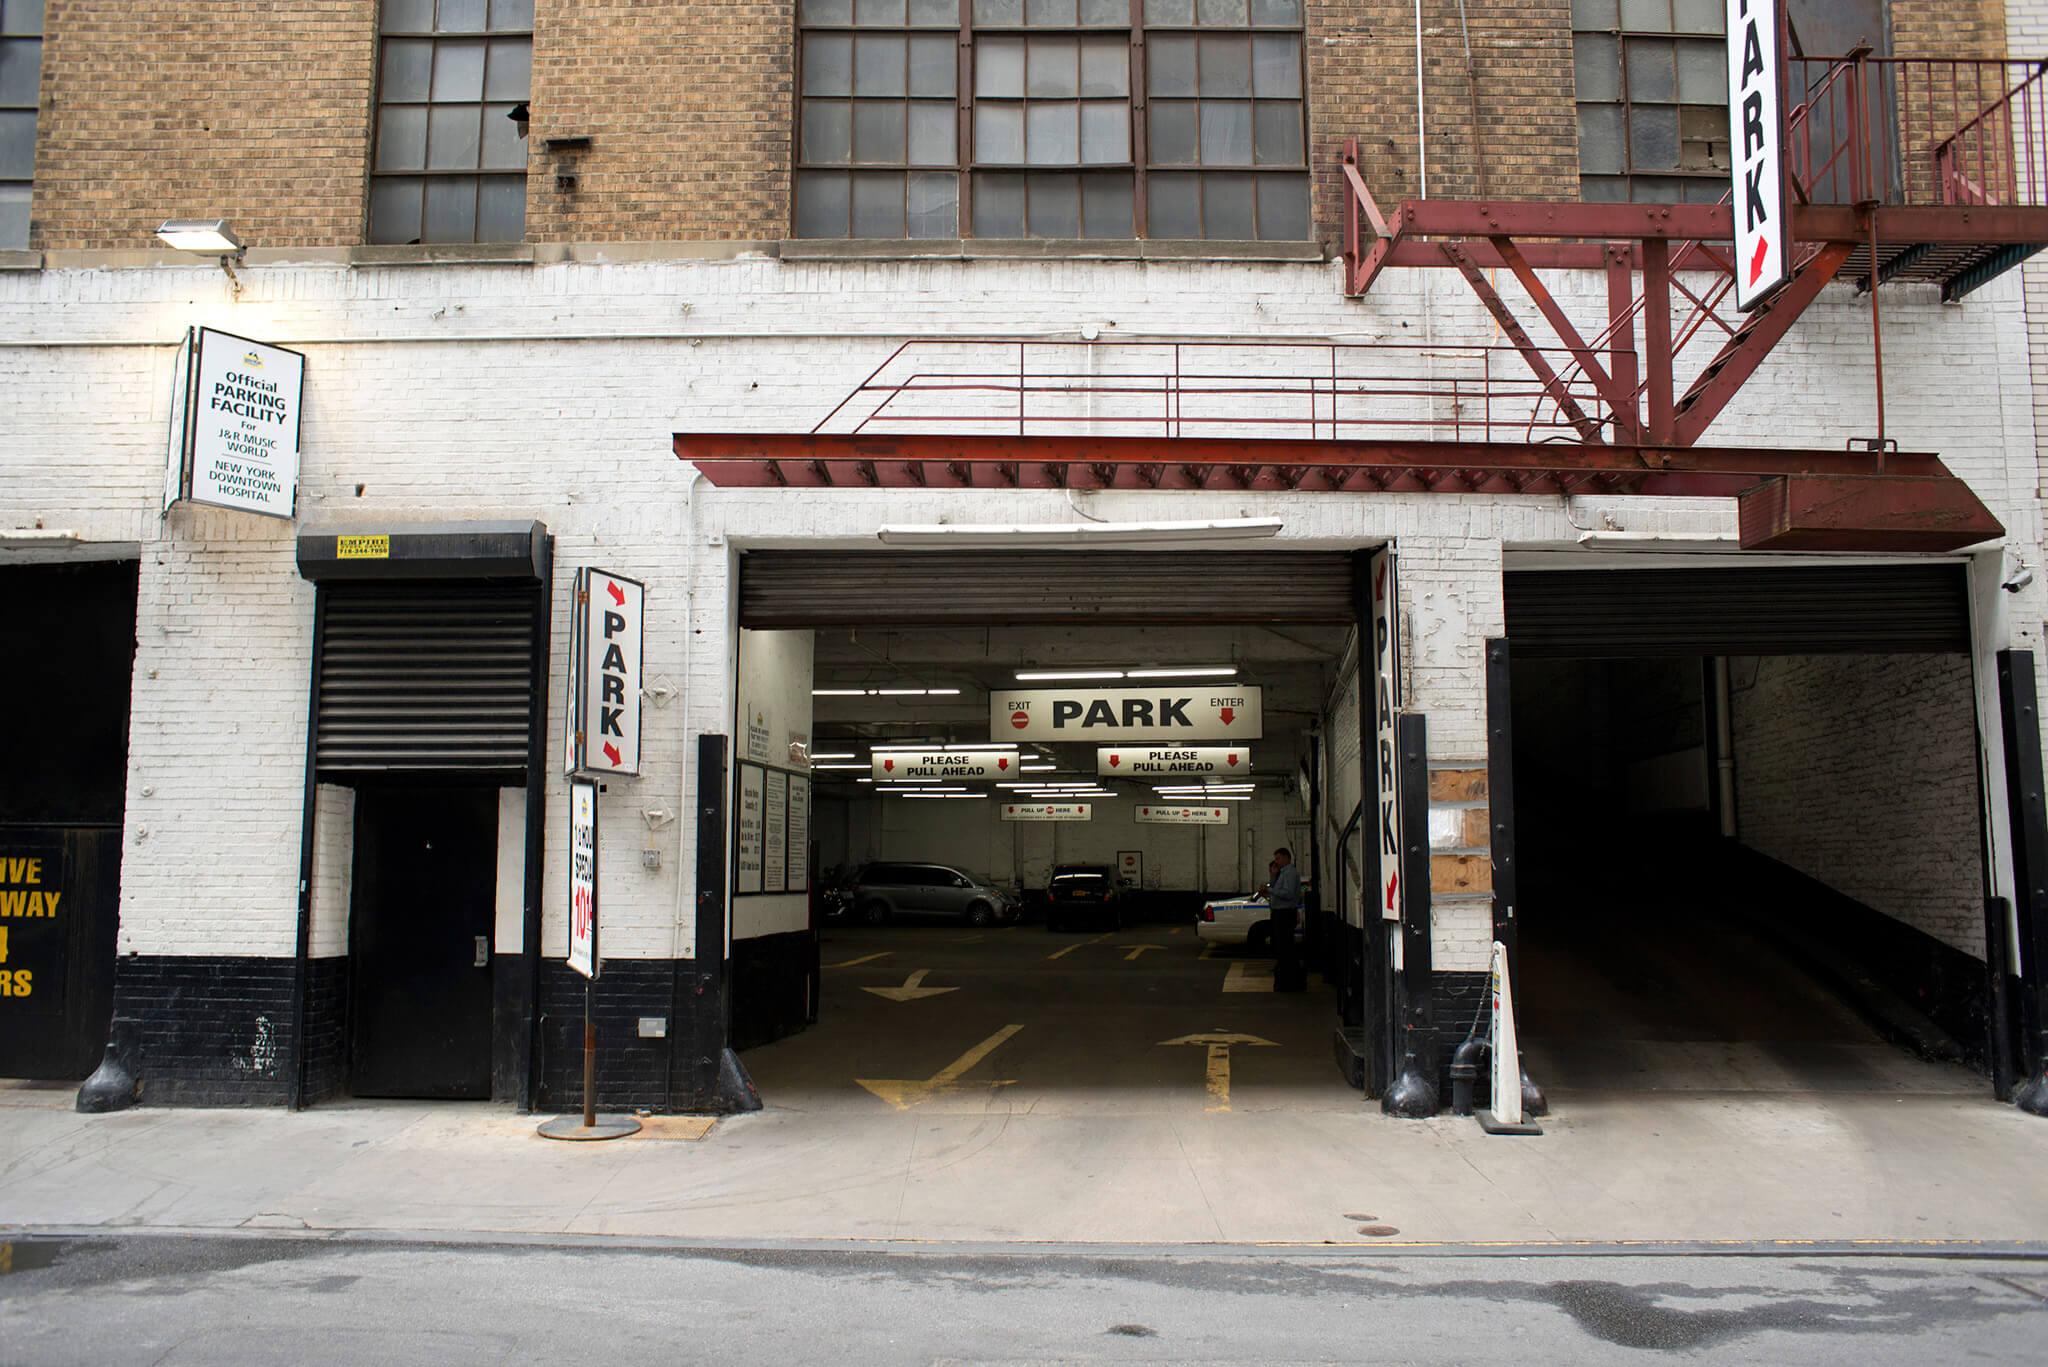 Fulton Street Parking - Find Parking near Fulton Street on fulton kentucky, fulton california, fulton texas,